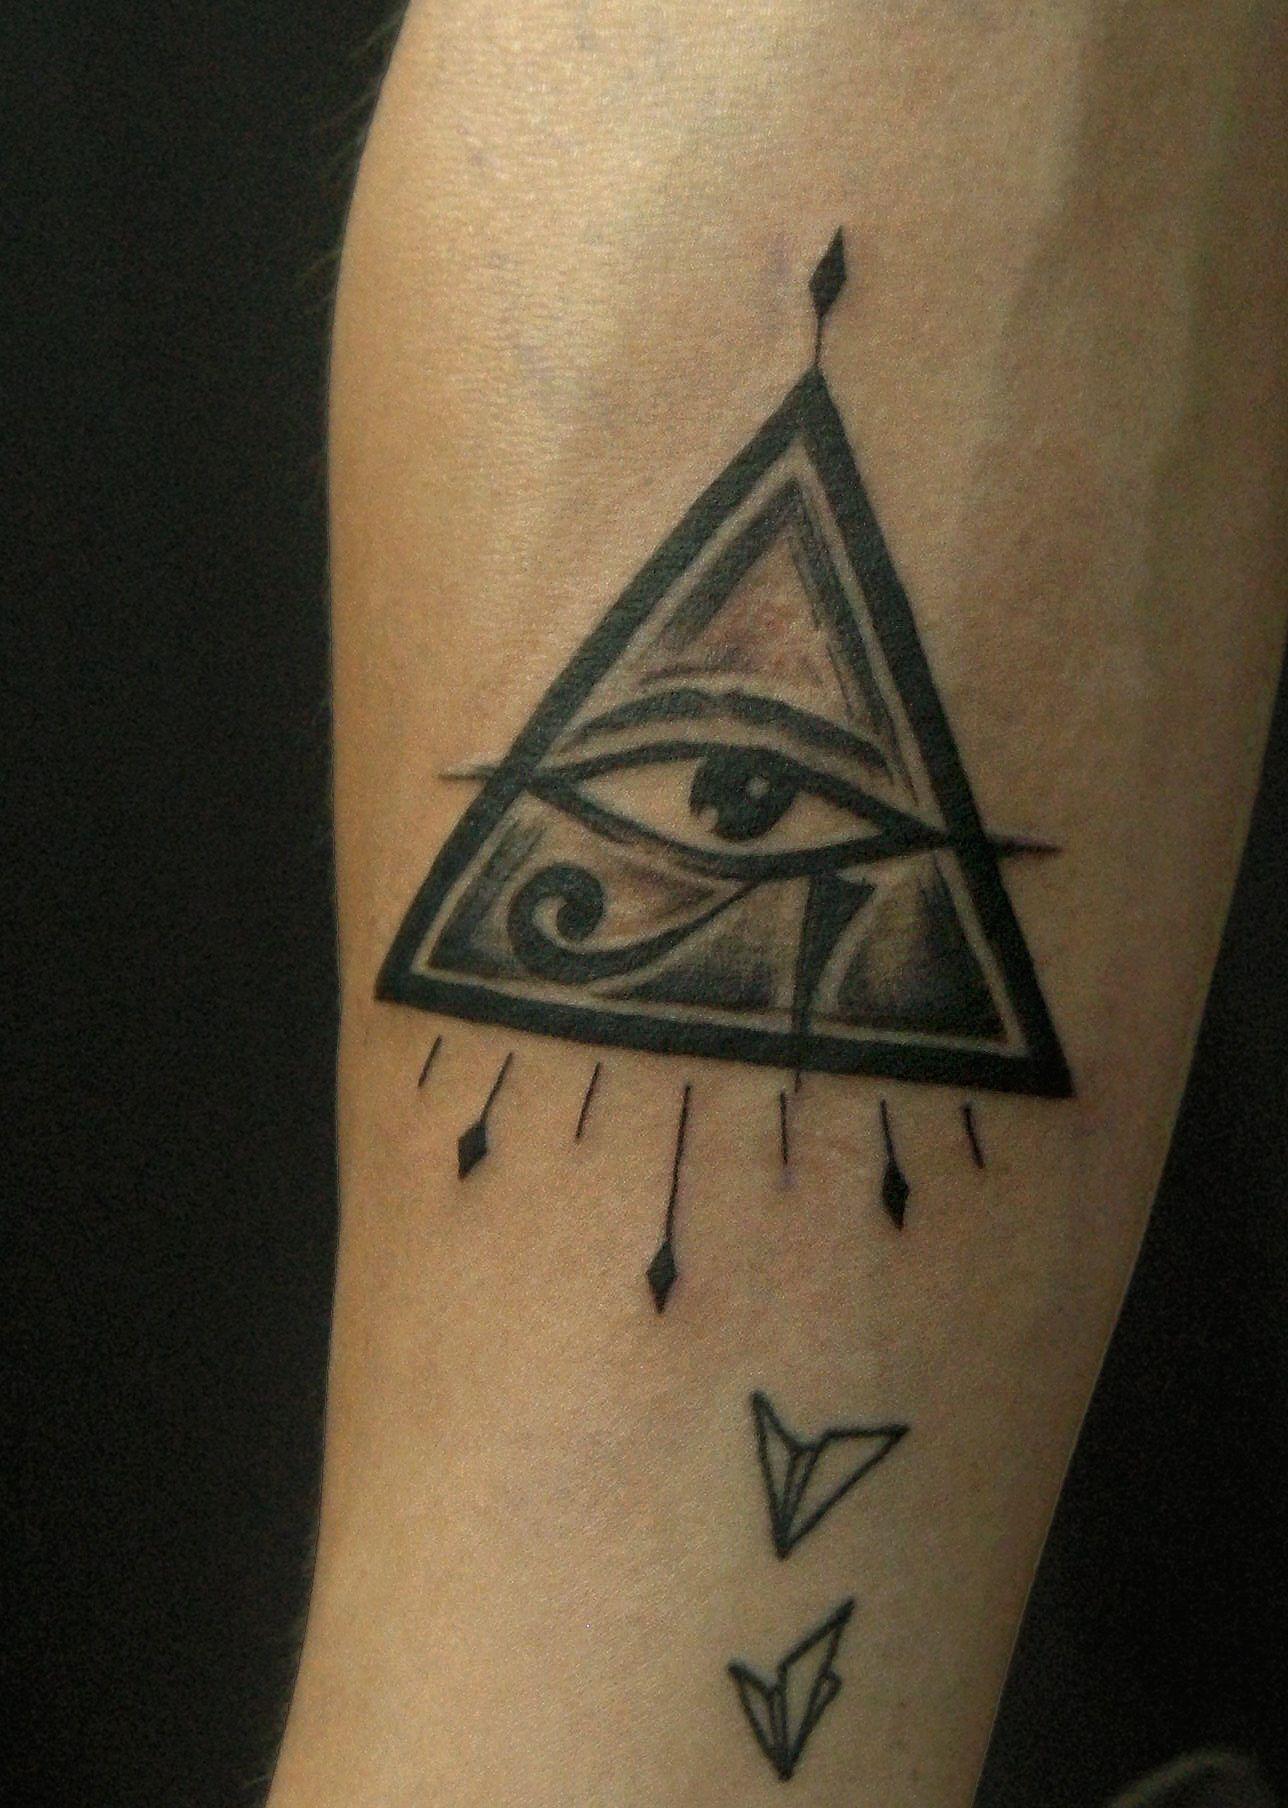 Eye of Horus tattoo also symbolize third eye Tatuagem